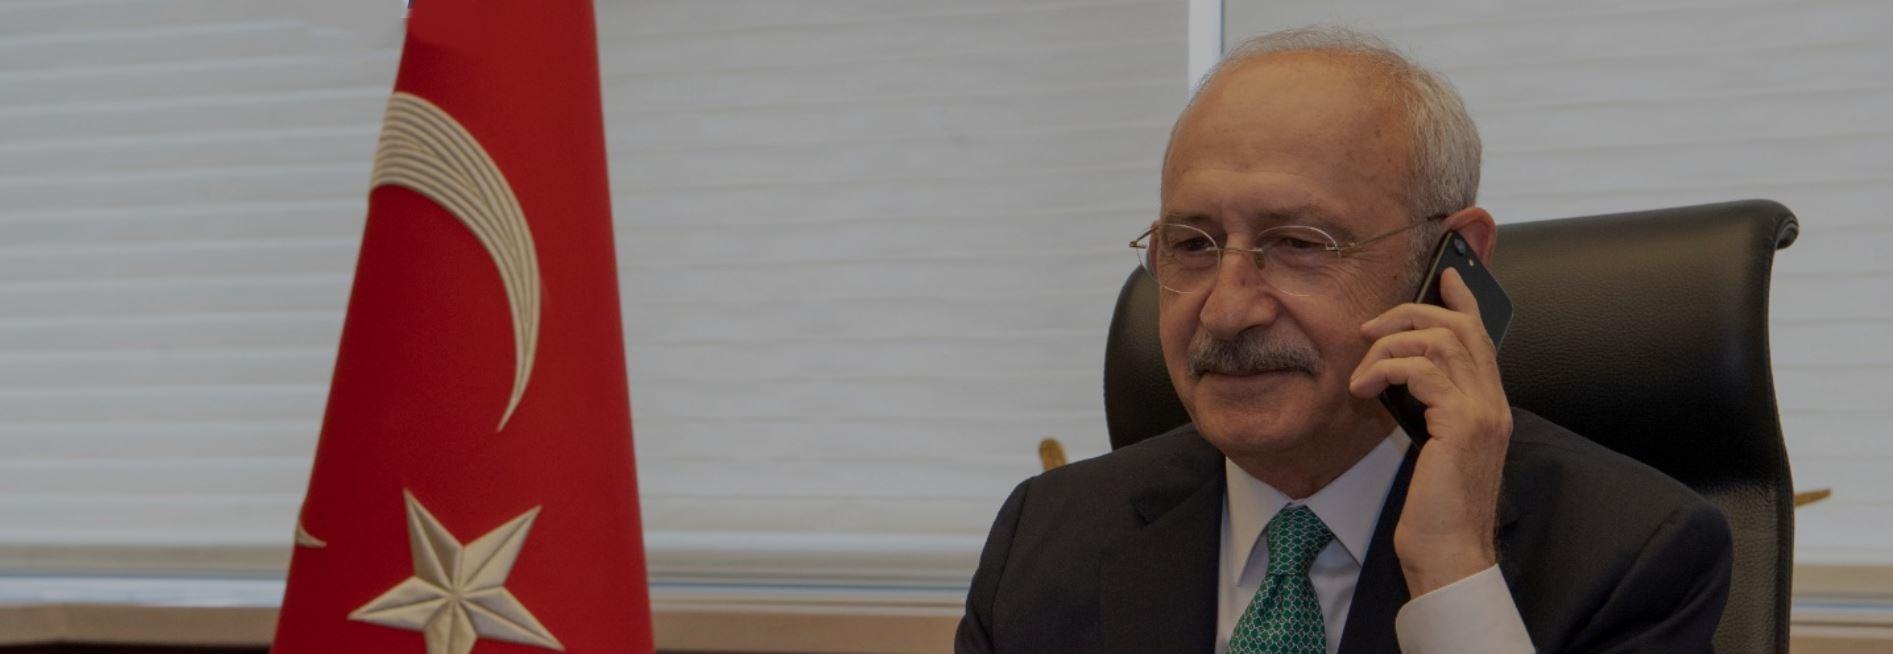 CHP Genel Başkanından Liderlere Telefonla Bayram Tebriği